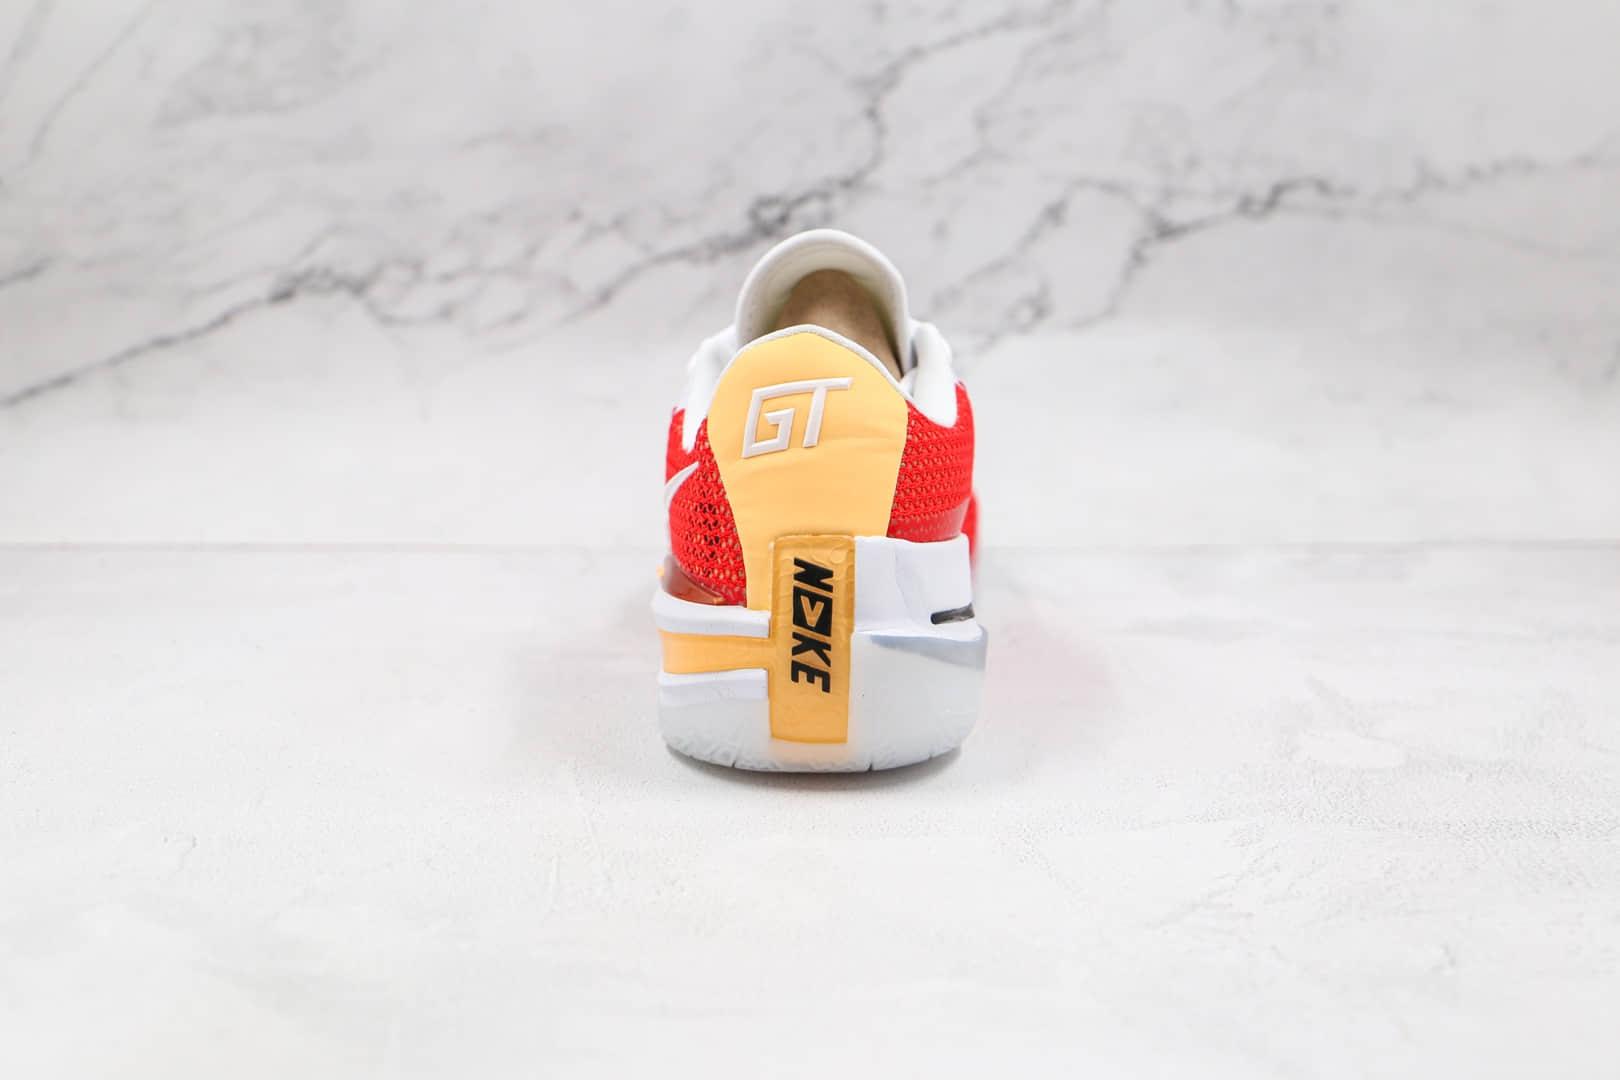 耐克Nike Zoom GT Cut纯原版本白红色GT篮球鞋原档案数据开发 货号:CZ0176-100